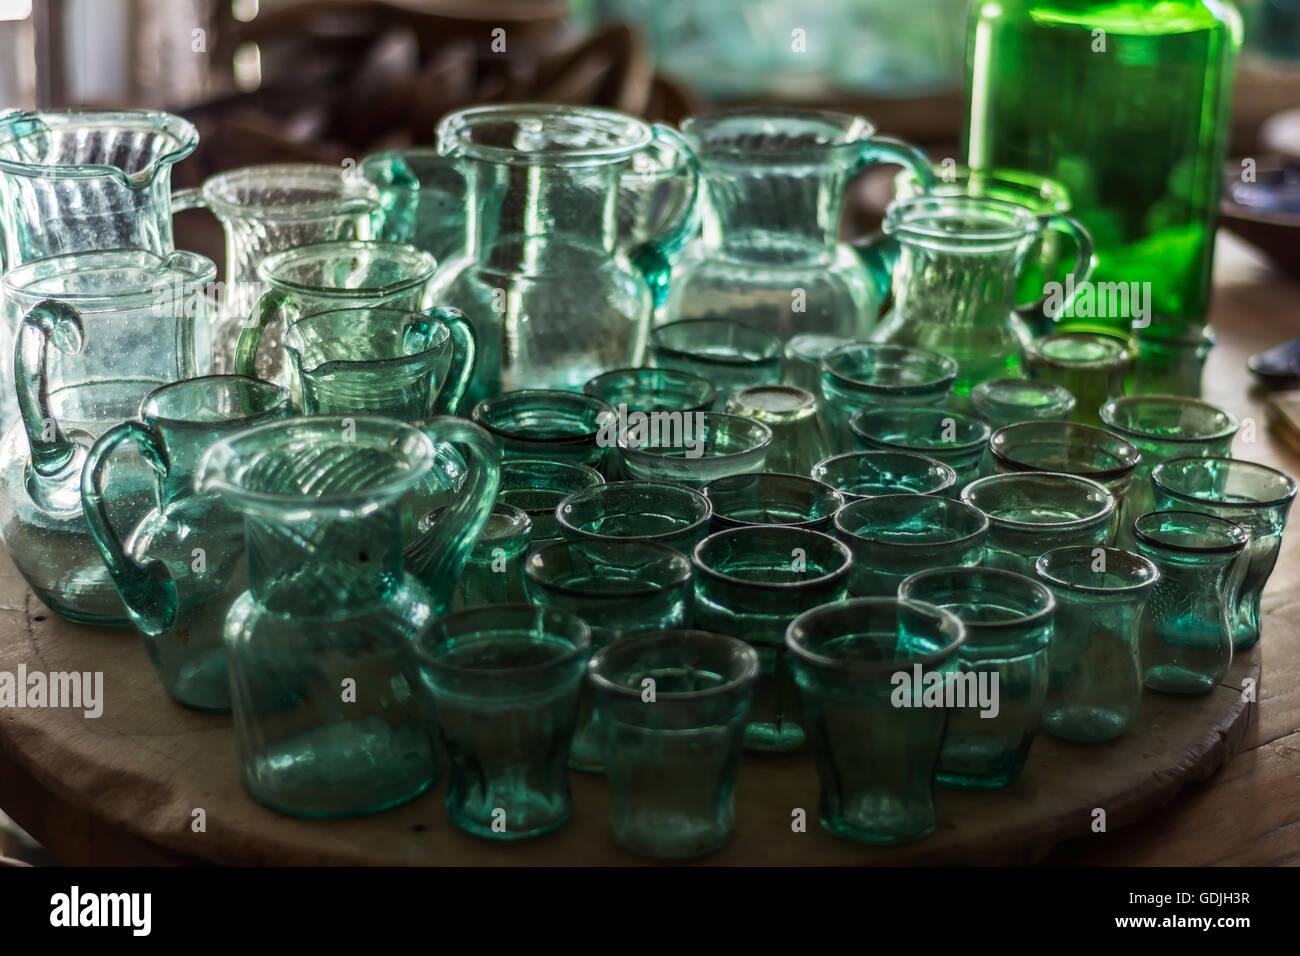 Vintage Glaswaren Gläser, Gläser, Flaschen Stockbild